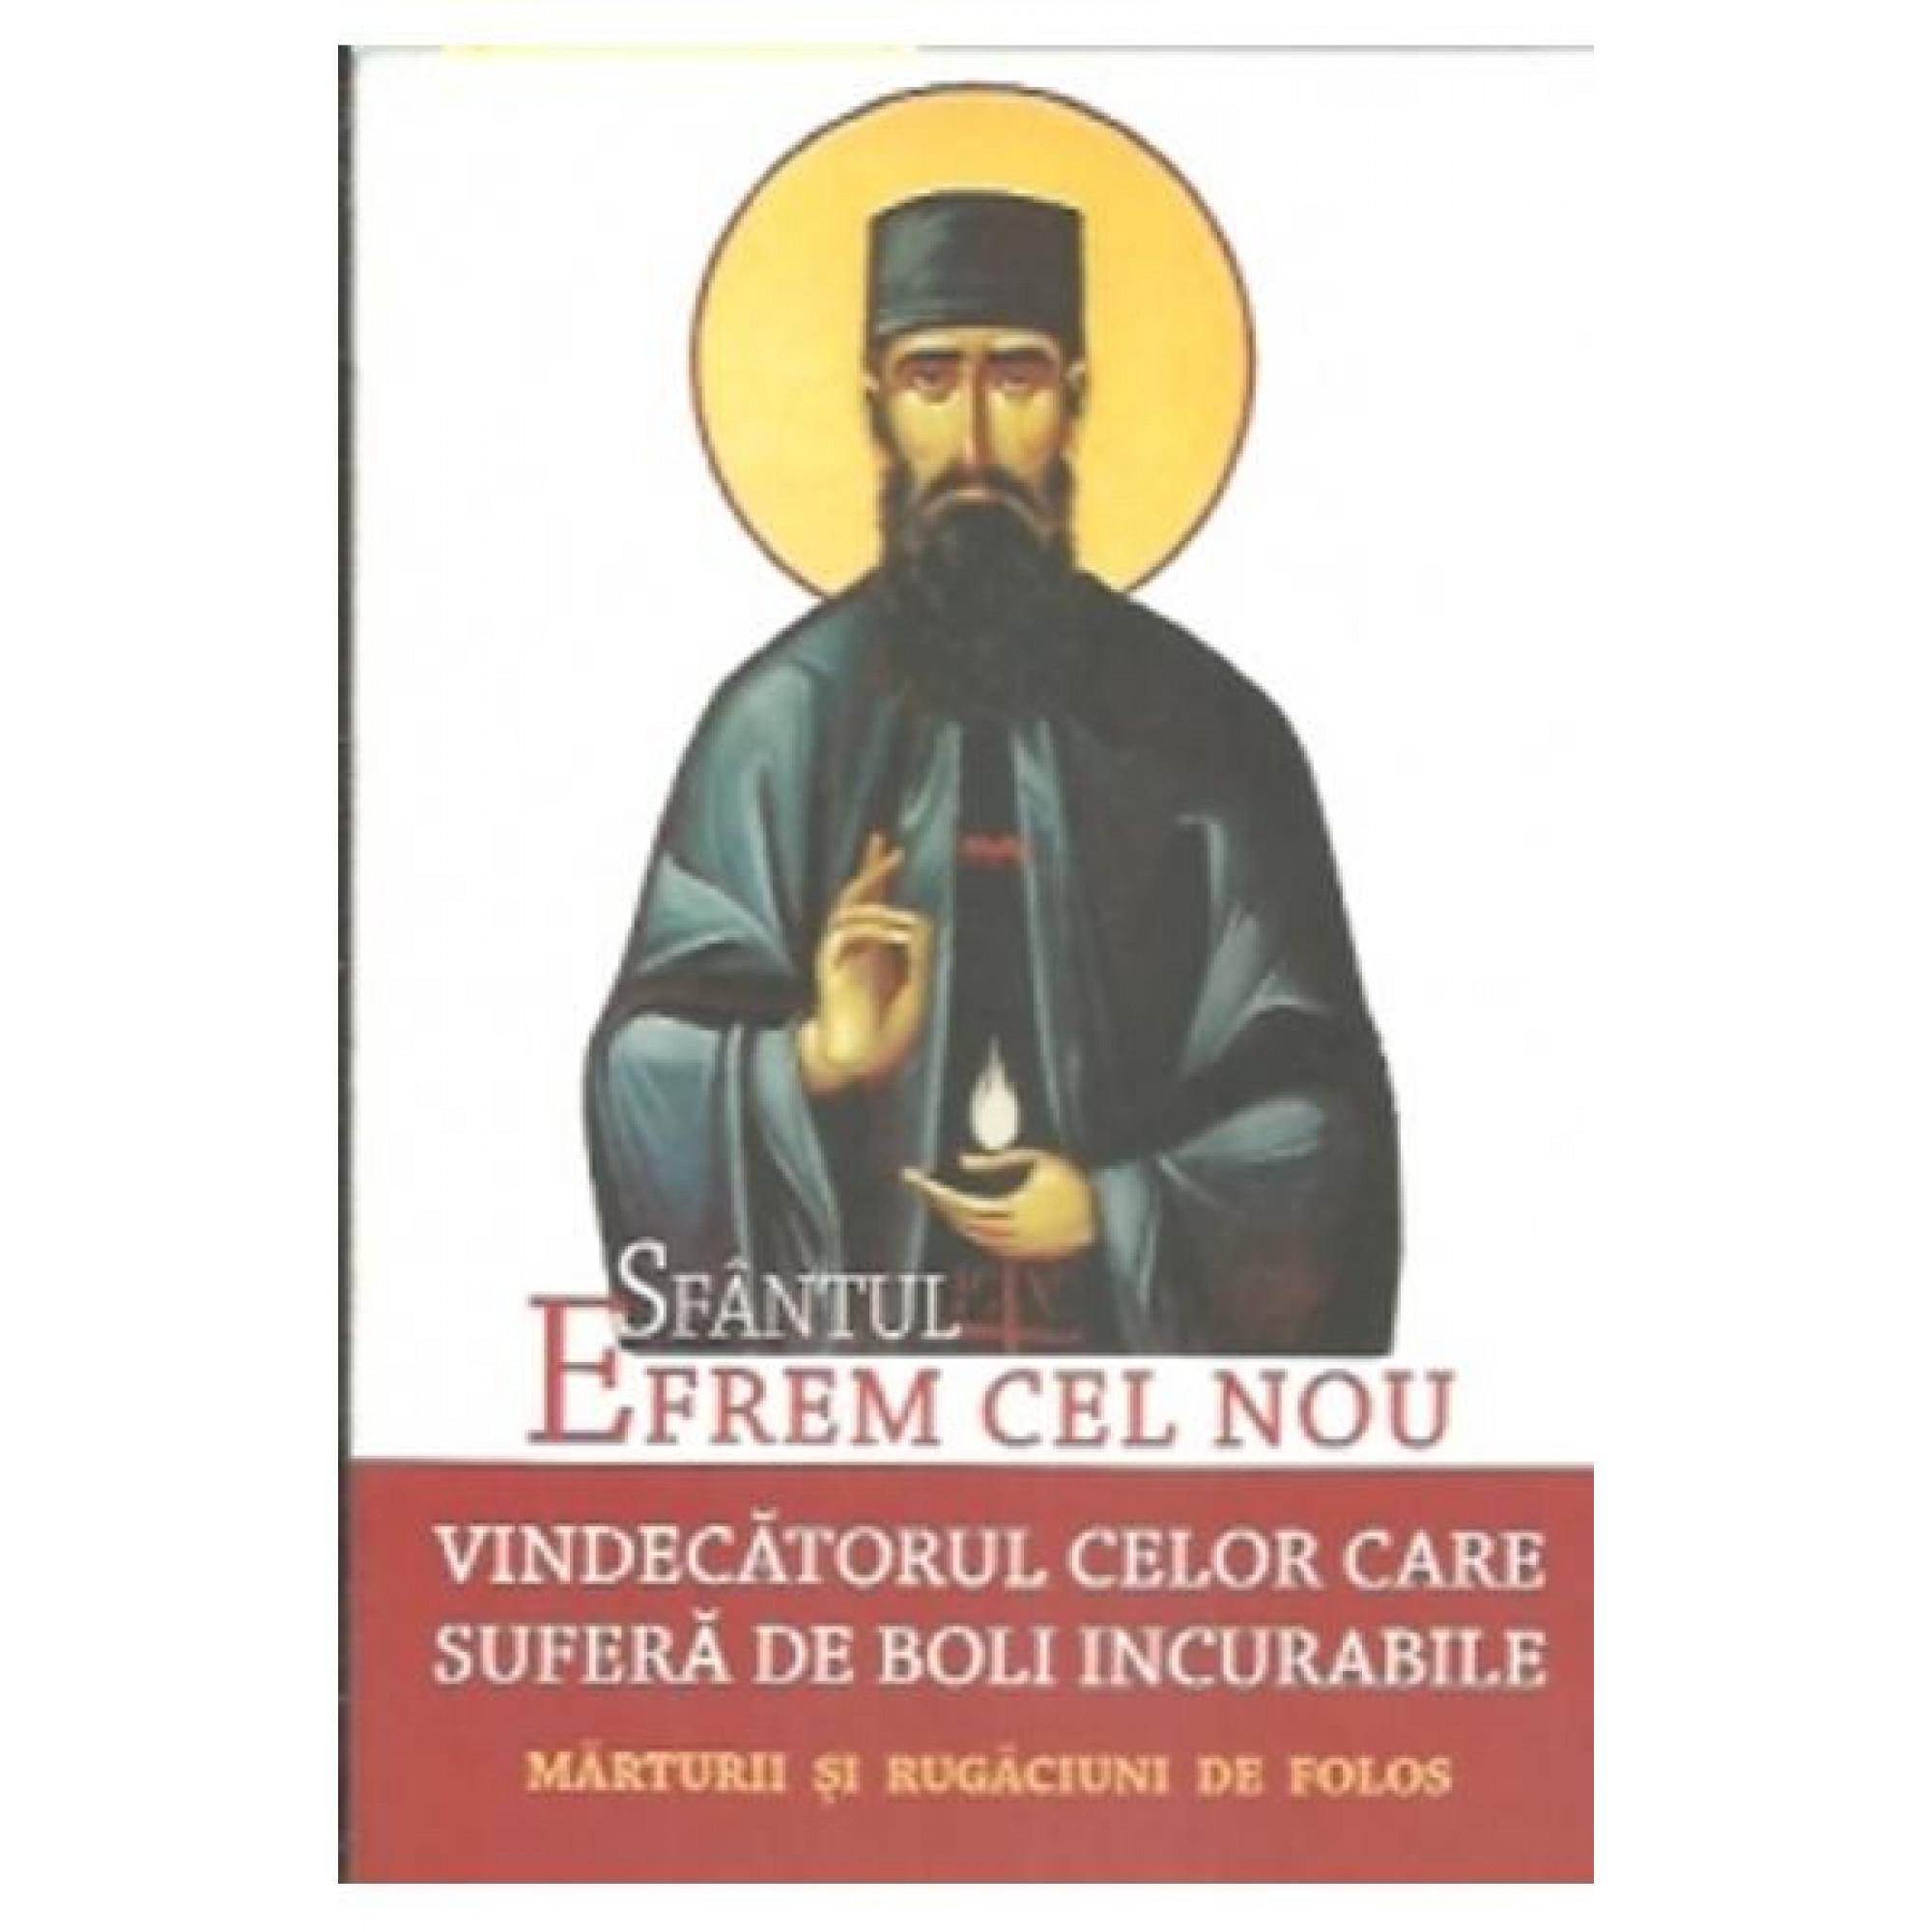 Sfantul Efrem Cel Nou, Vindecatorul Celor Care Sufera De Boli Incurabile; L.S. Desartovici